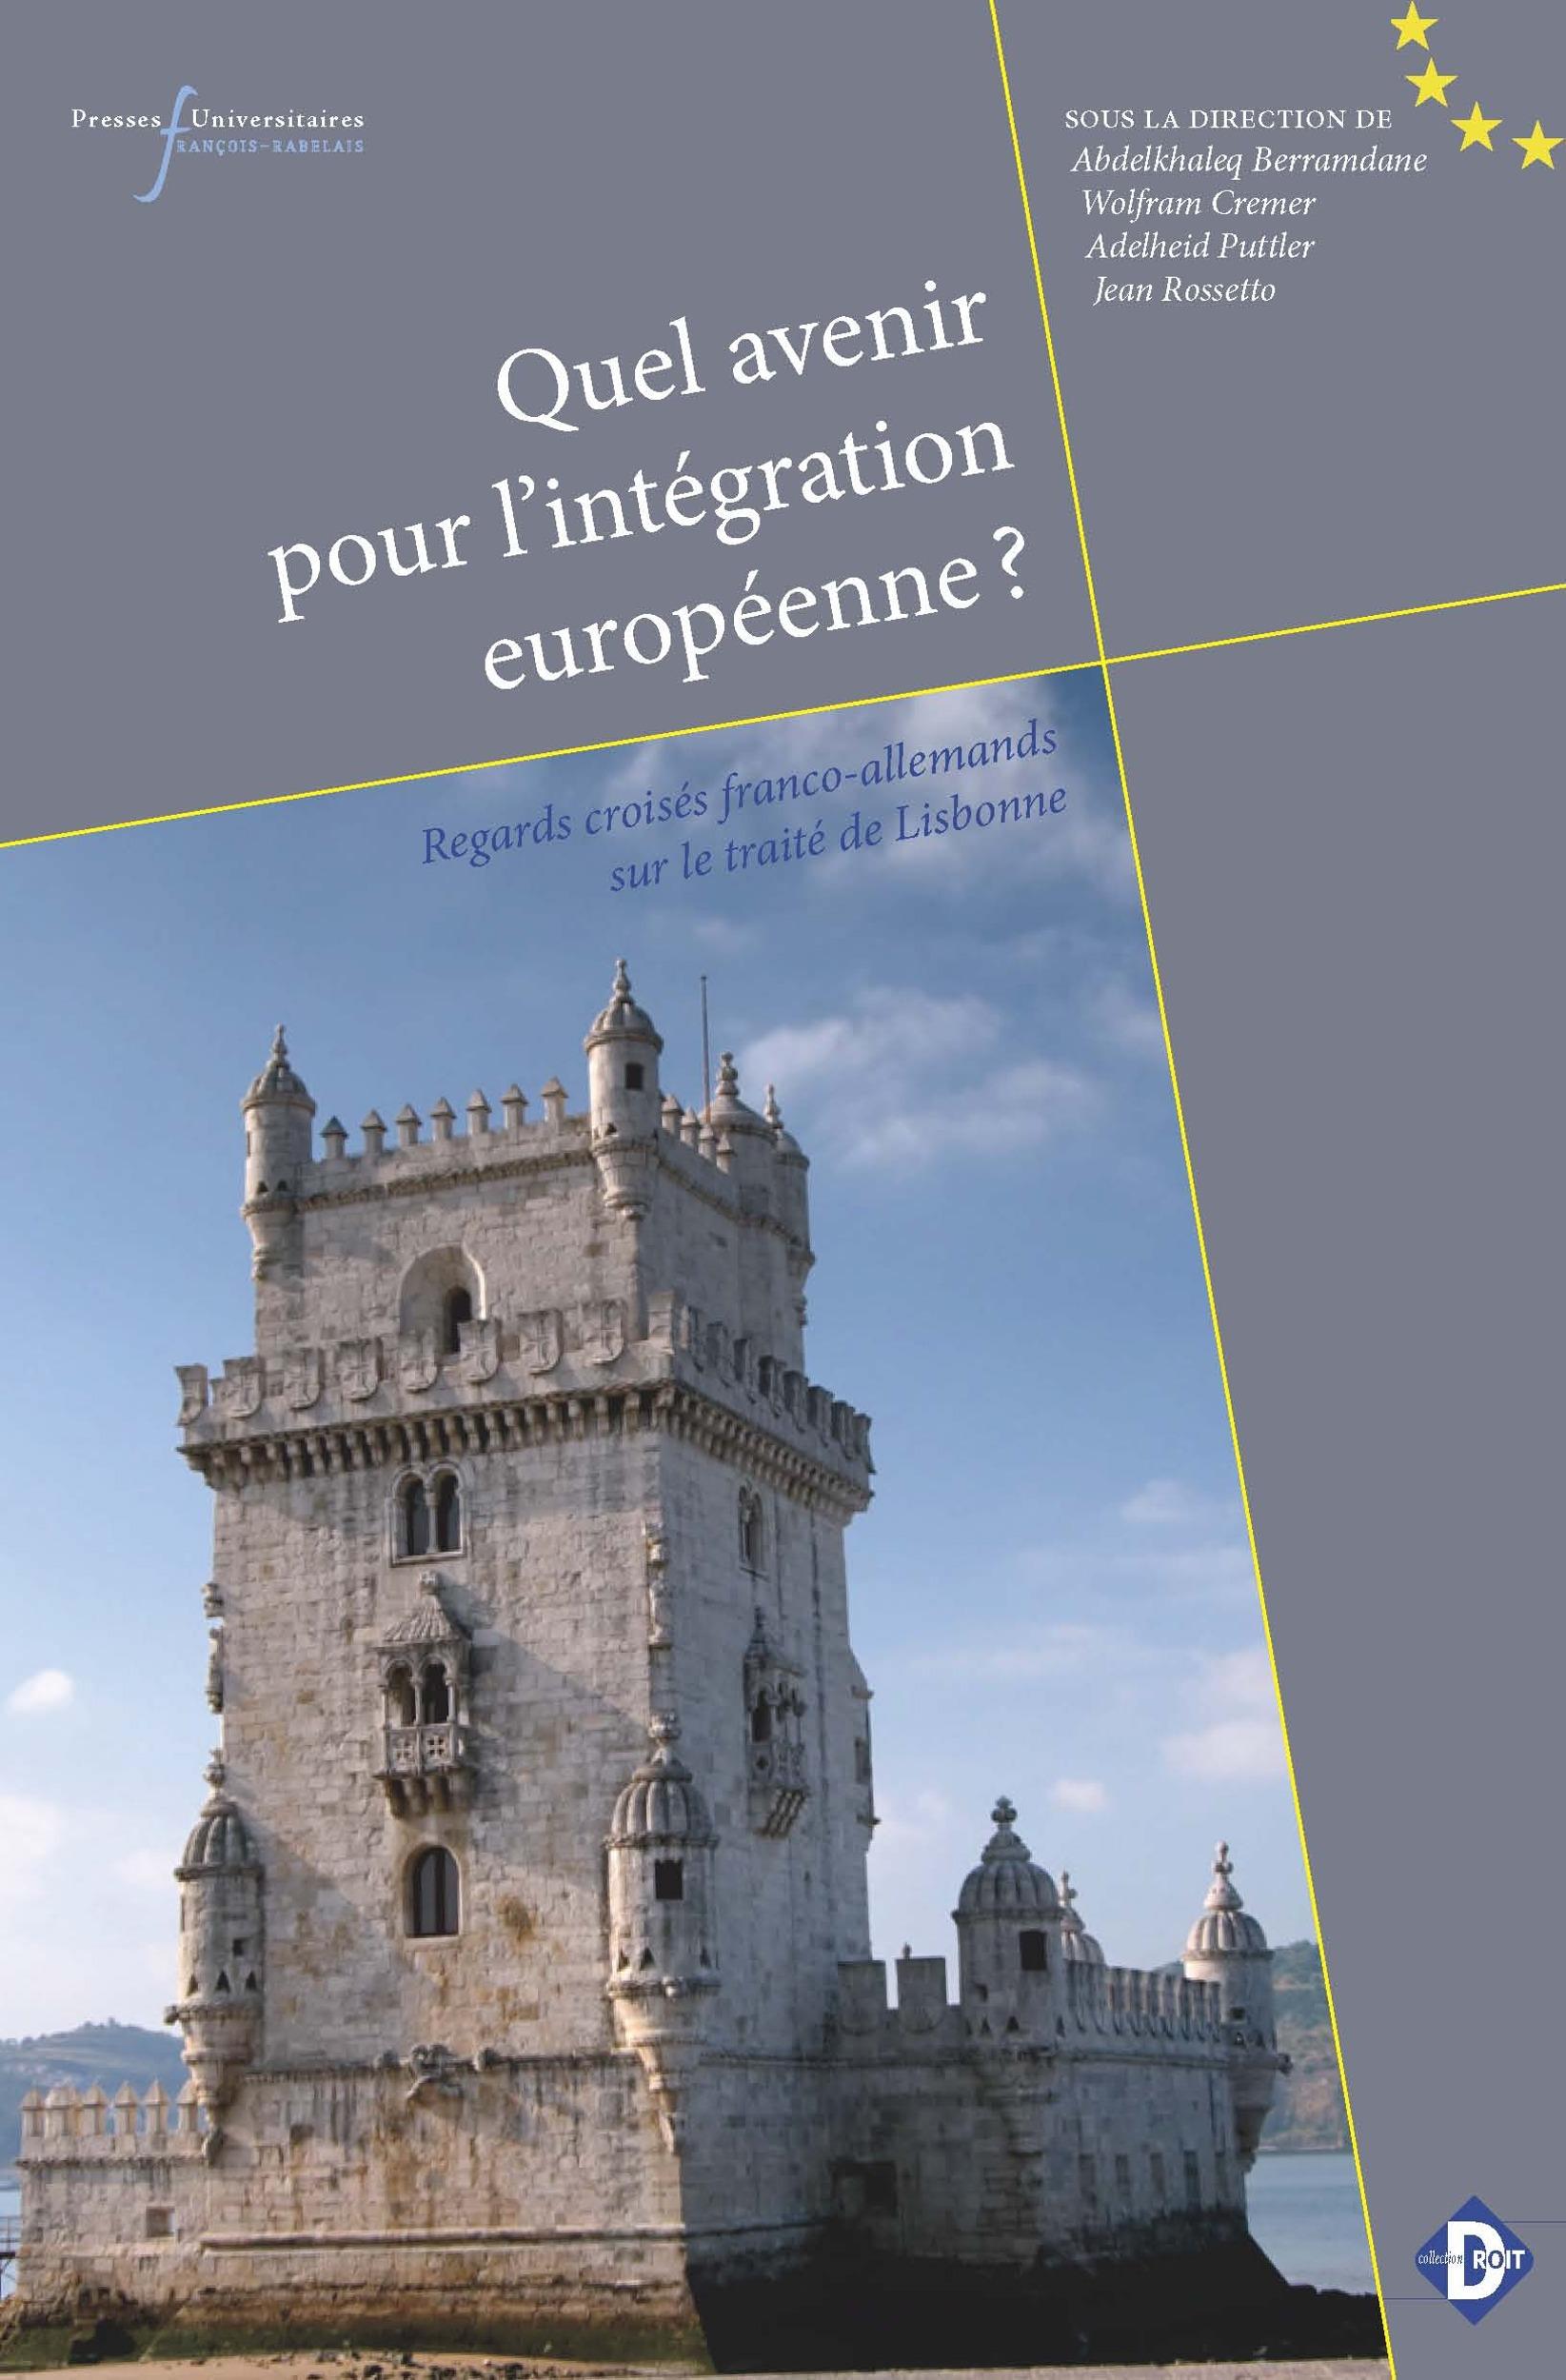 Quel avenir pour l'intégration européenne ? regards croisés franco-allemands sur le traité de Lisbonne